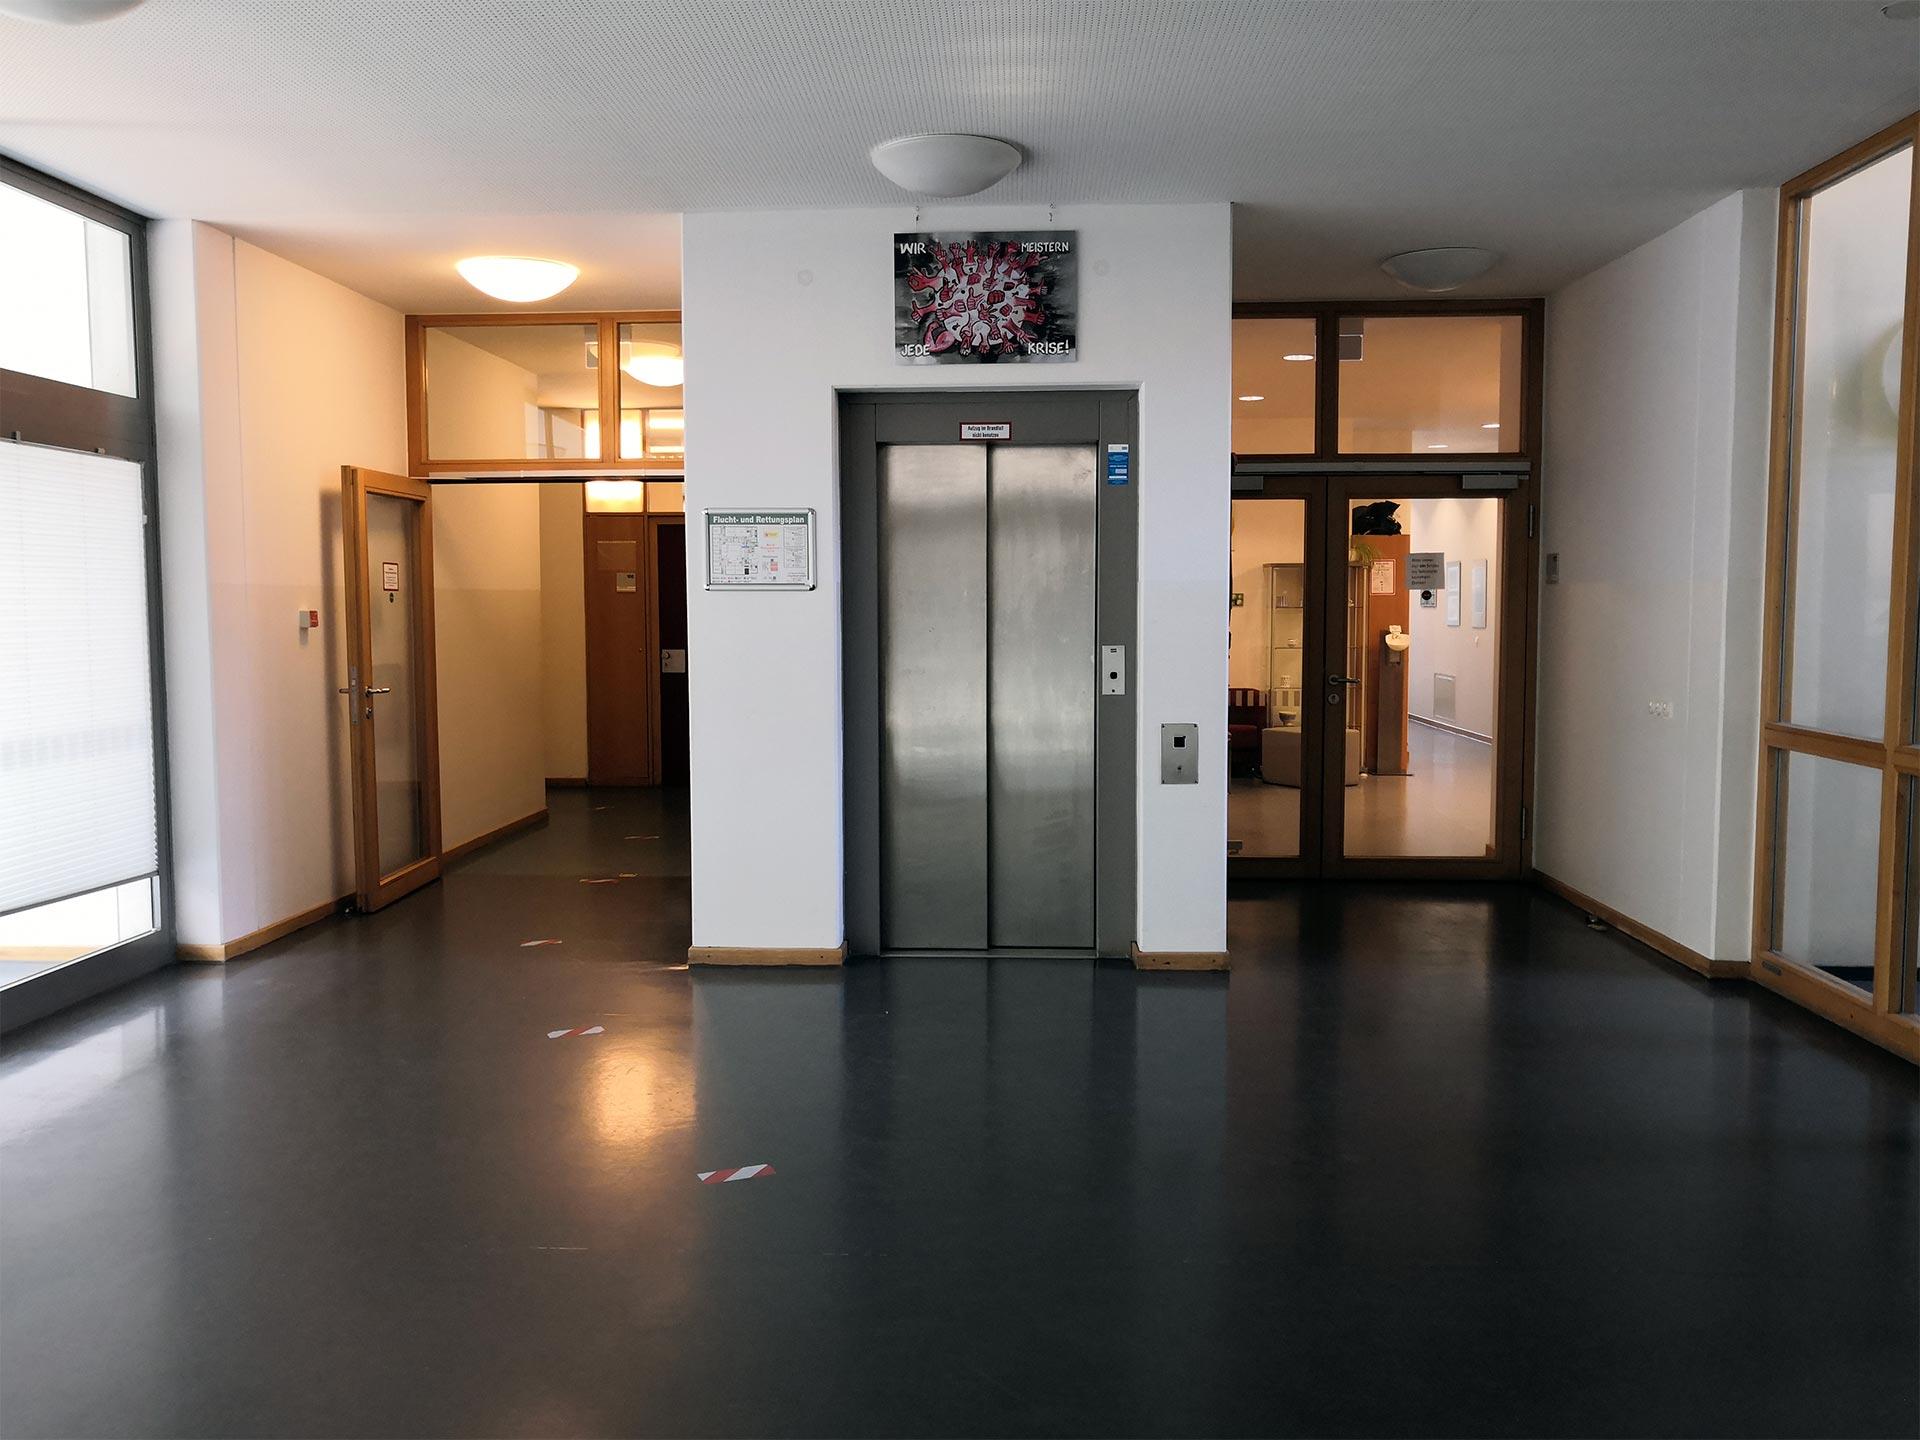 Fahrstuhl und Eingang zum Sekretariat